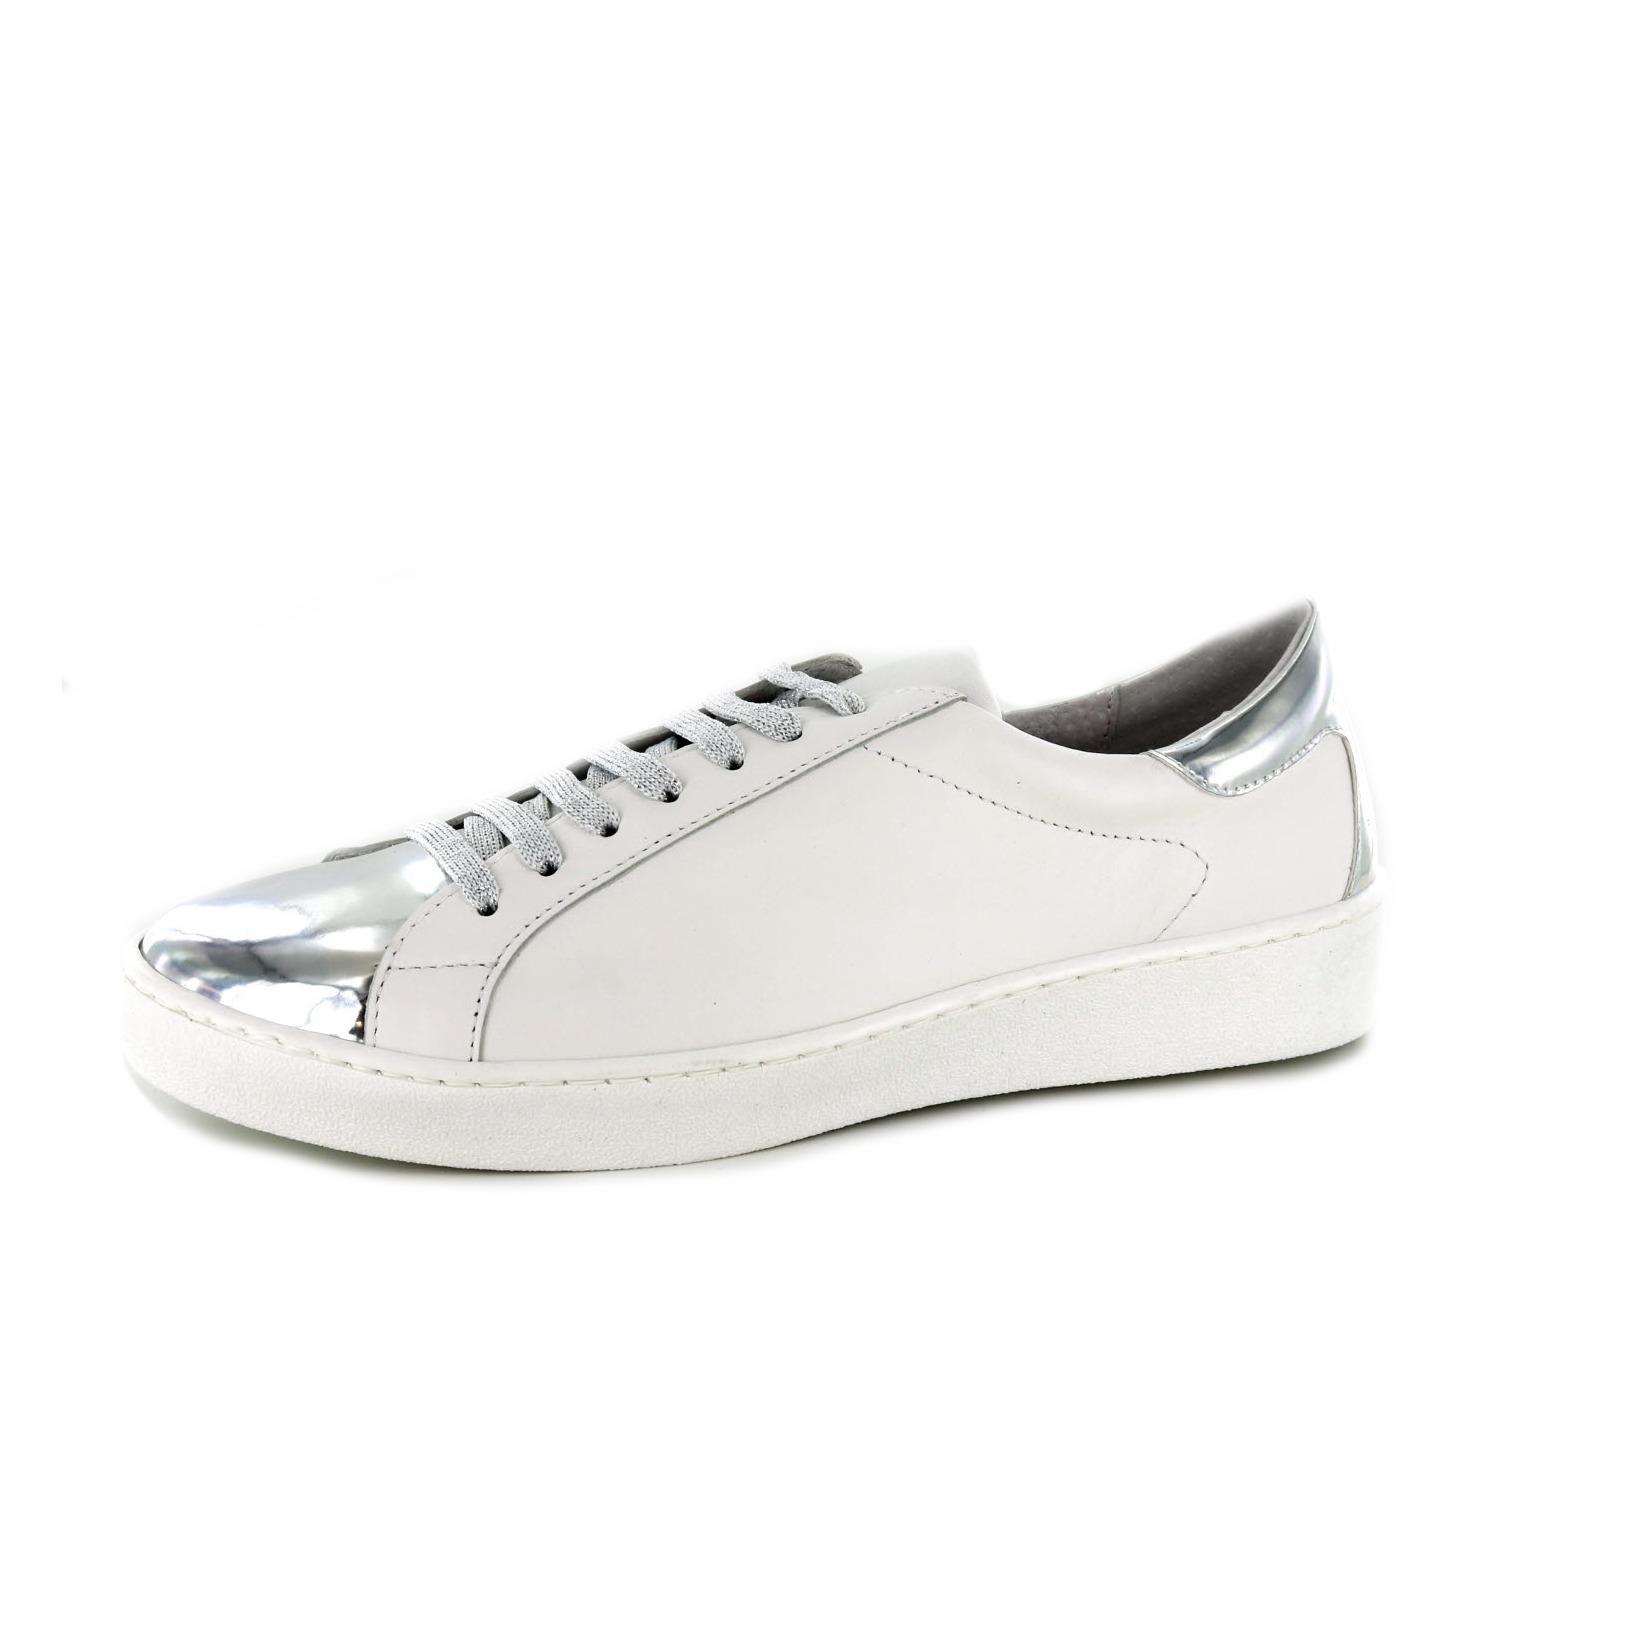 Chaussures Cyprès / Dentelle - Chaussures De Sport, Blanc